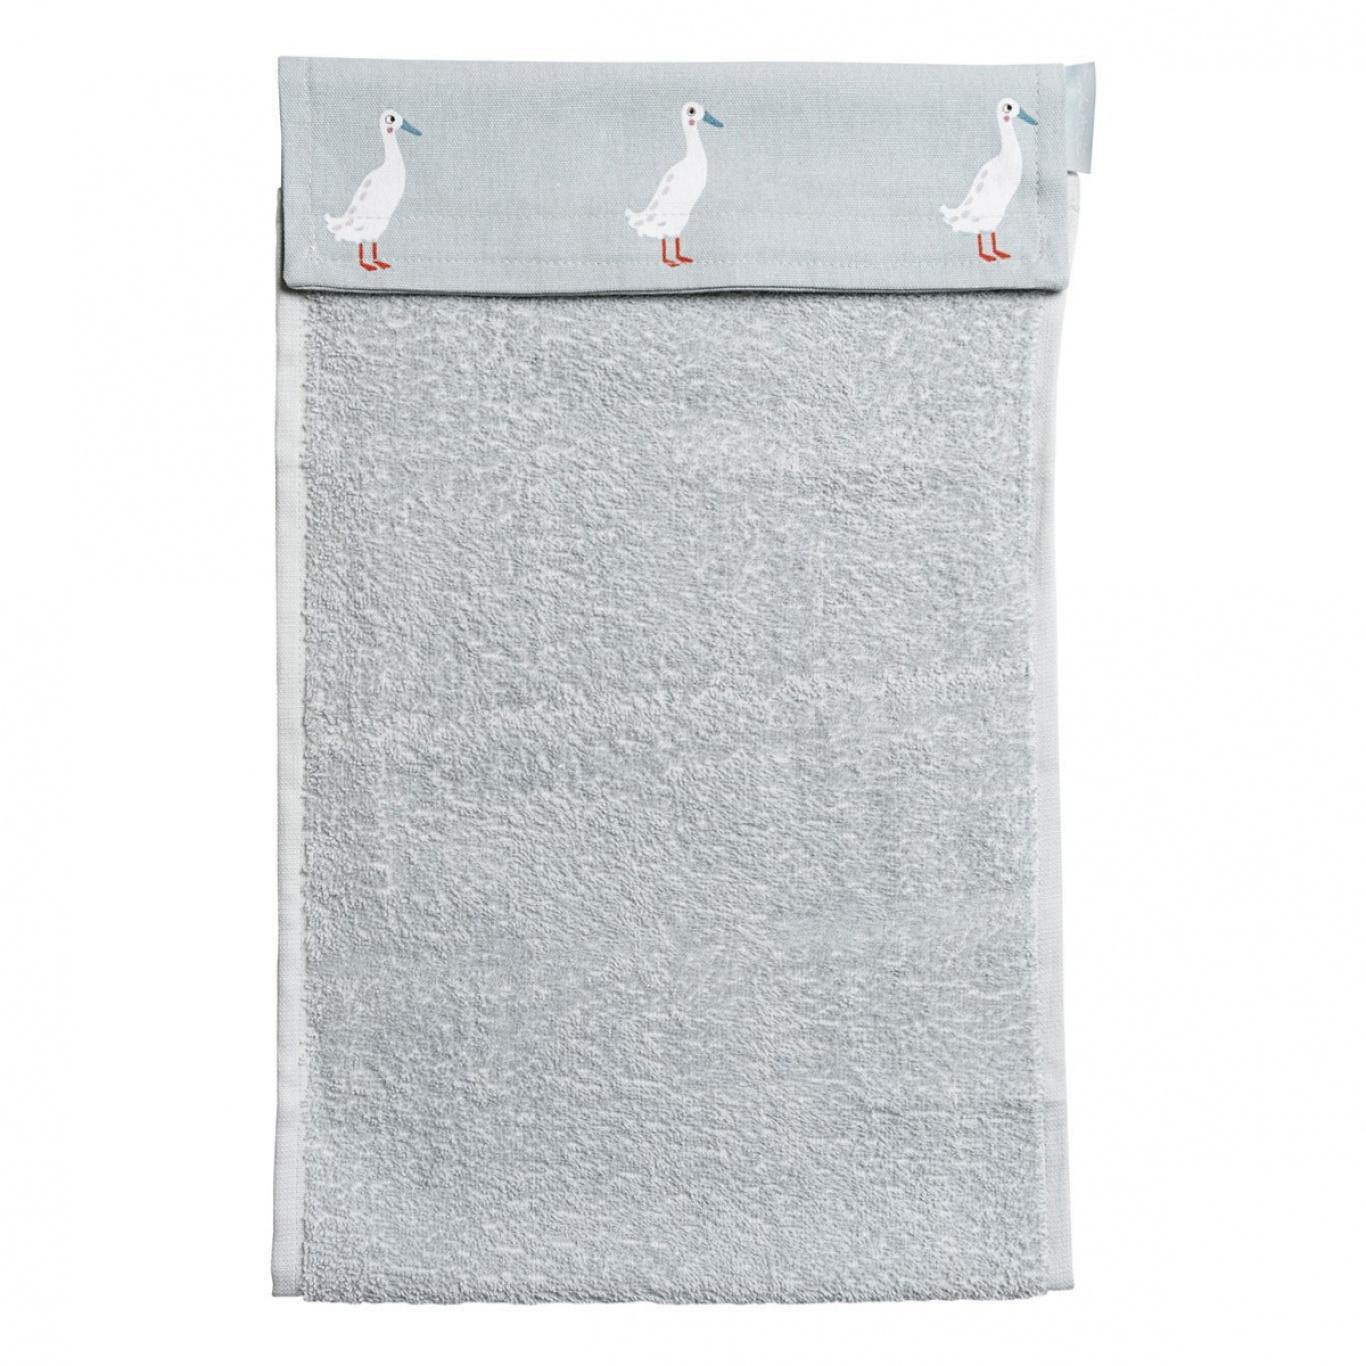 Image of Sophie Allport Runner Duck Roller Hand Towel